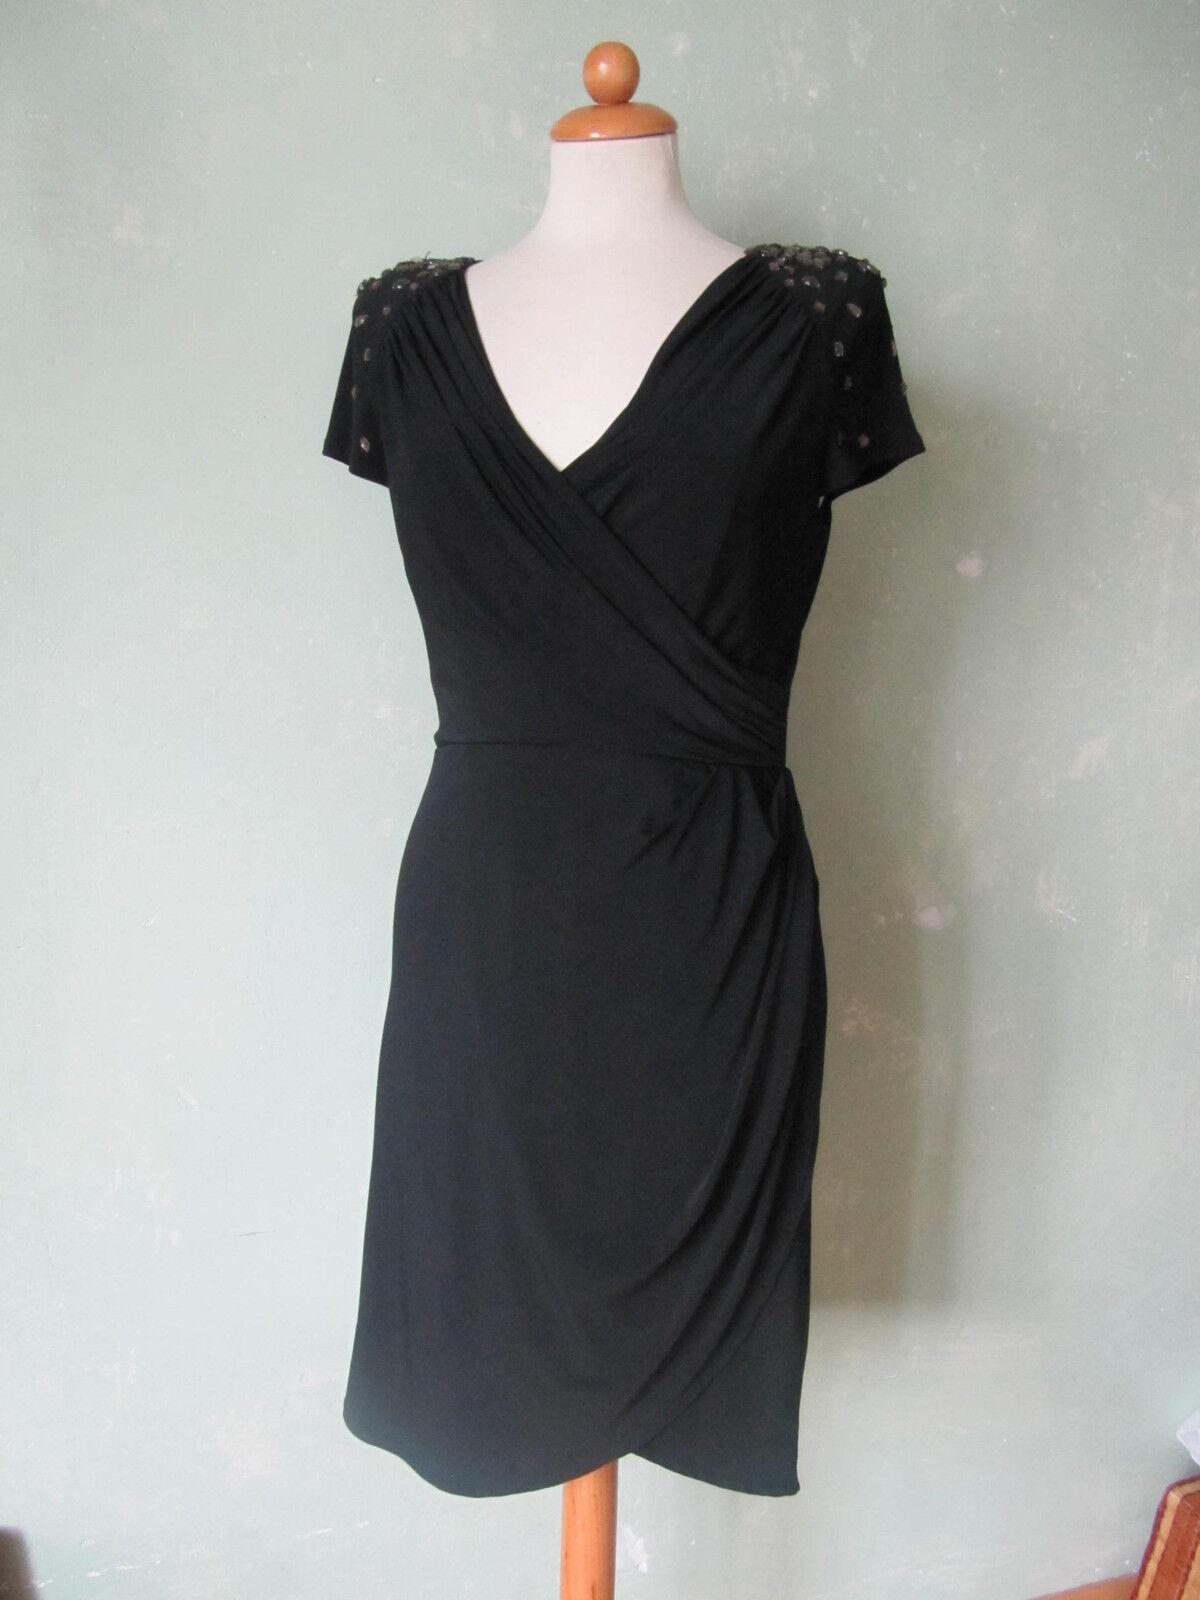 Jessica Simpson Kleid schwarz Party Pailletten Reißverschluss Rücken 40 L (S23)